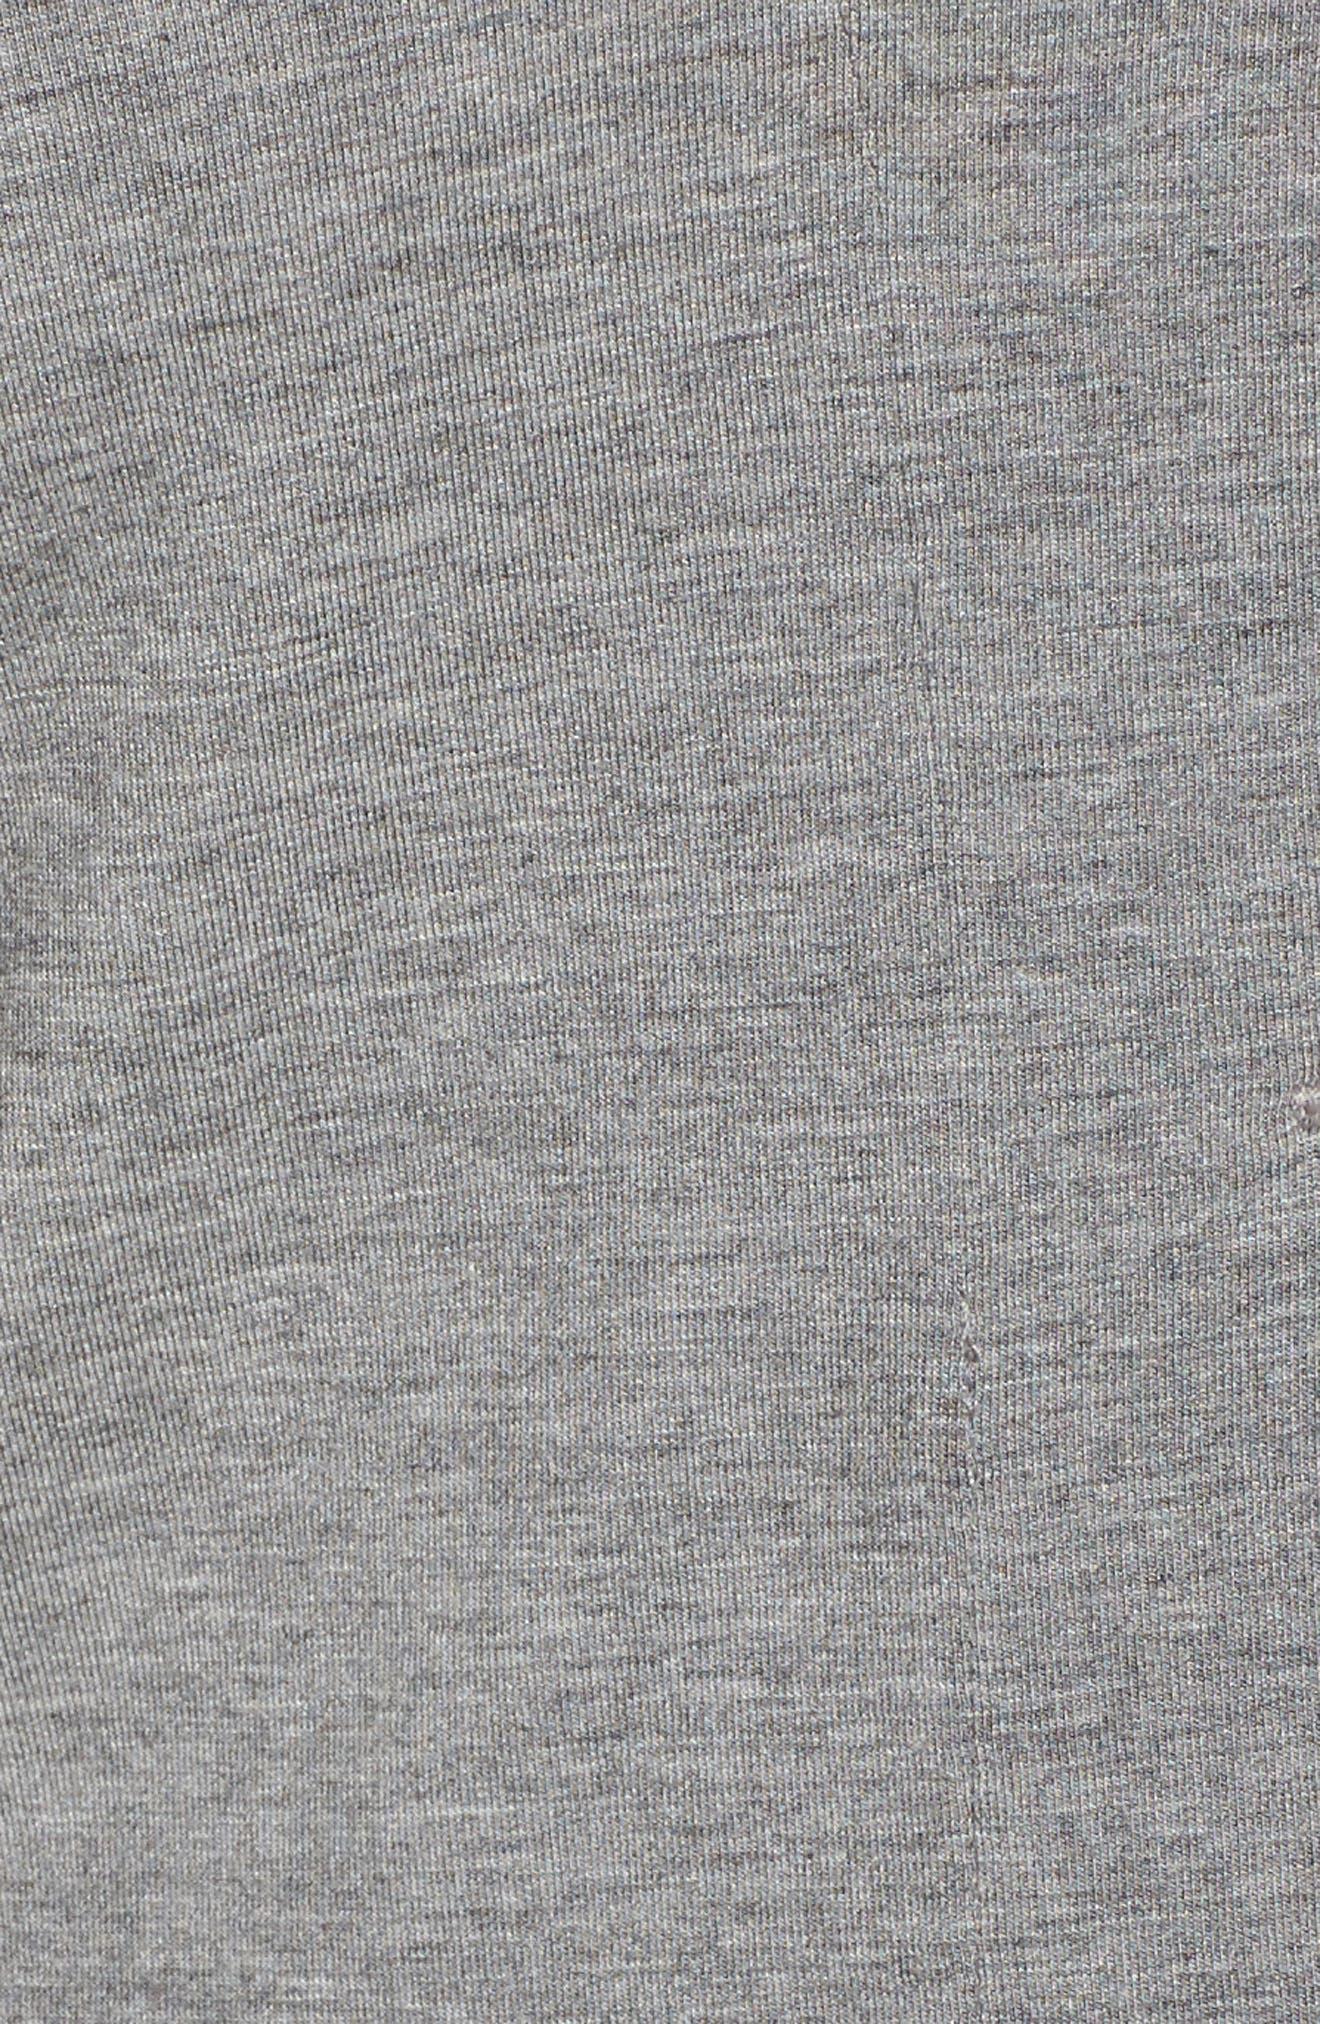 Alternate Image 5  - PJ Salvage Stretch Modal Pajamas & Eye Mask (Plus Size)